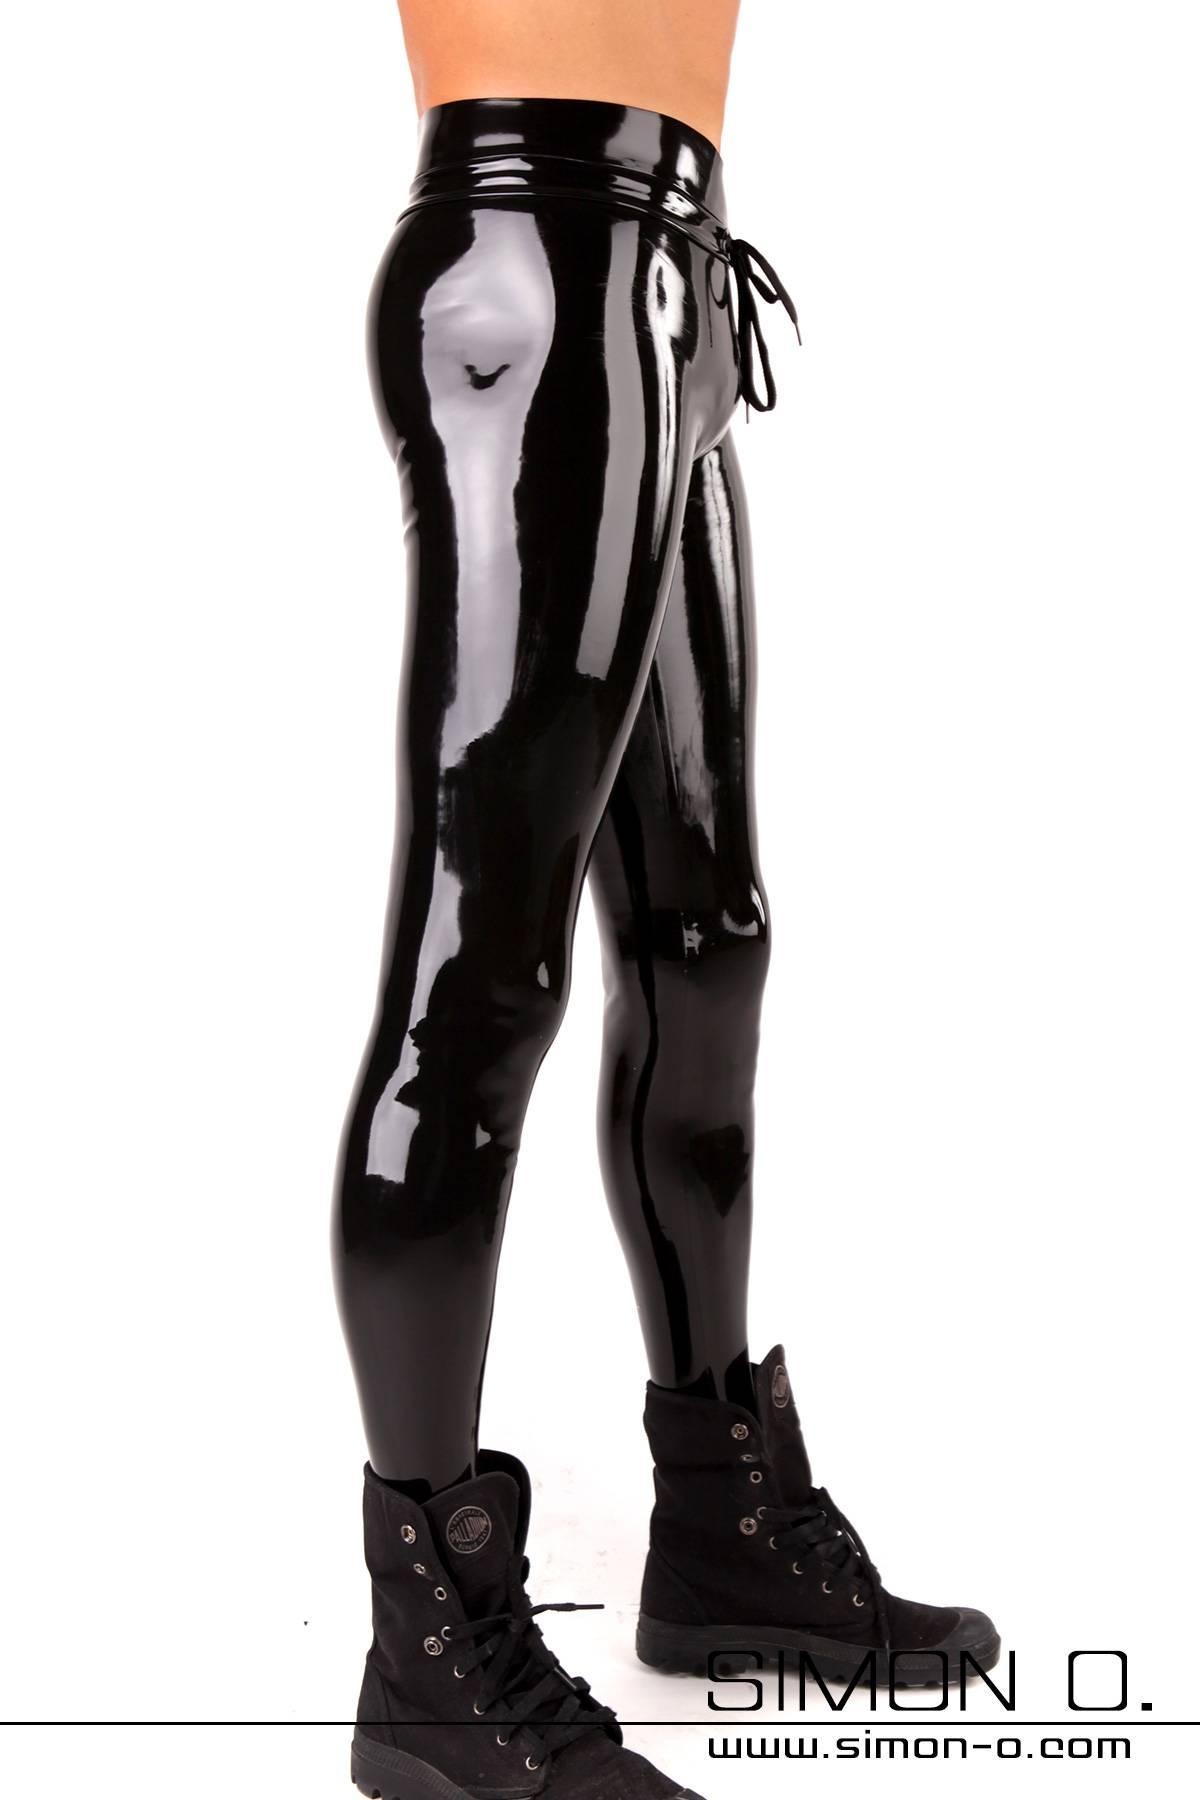 Sportliche Herren Latex Leggings mit Express Anfertigung Lust auf Spontankauf? Nichts einfacher als das denn die BASIC LINE von Simon O. wird in nur 7 …